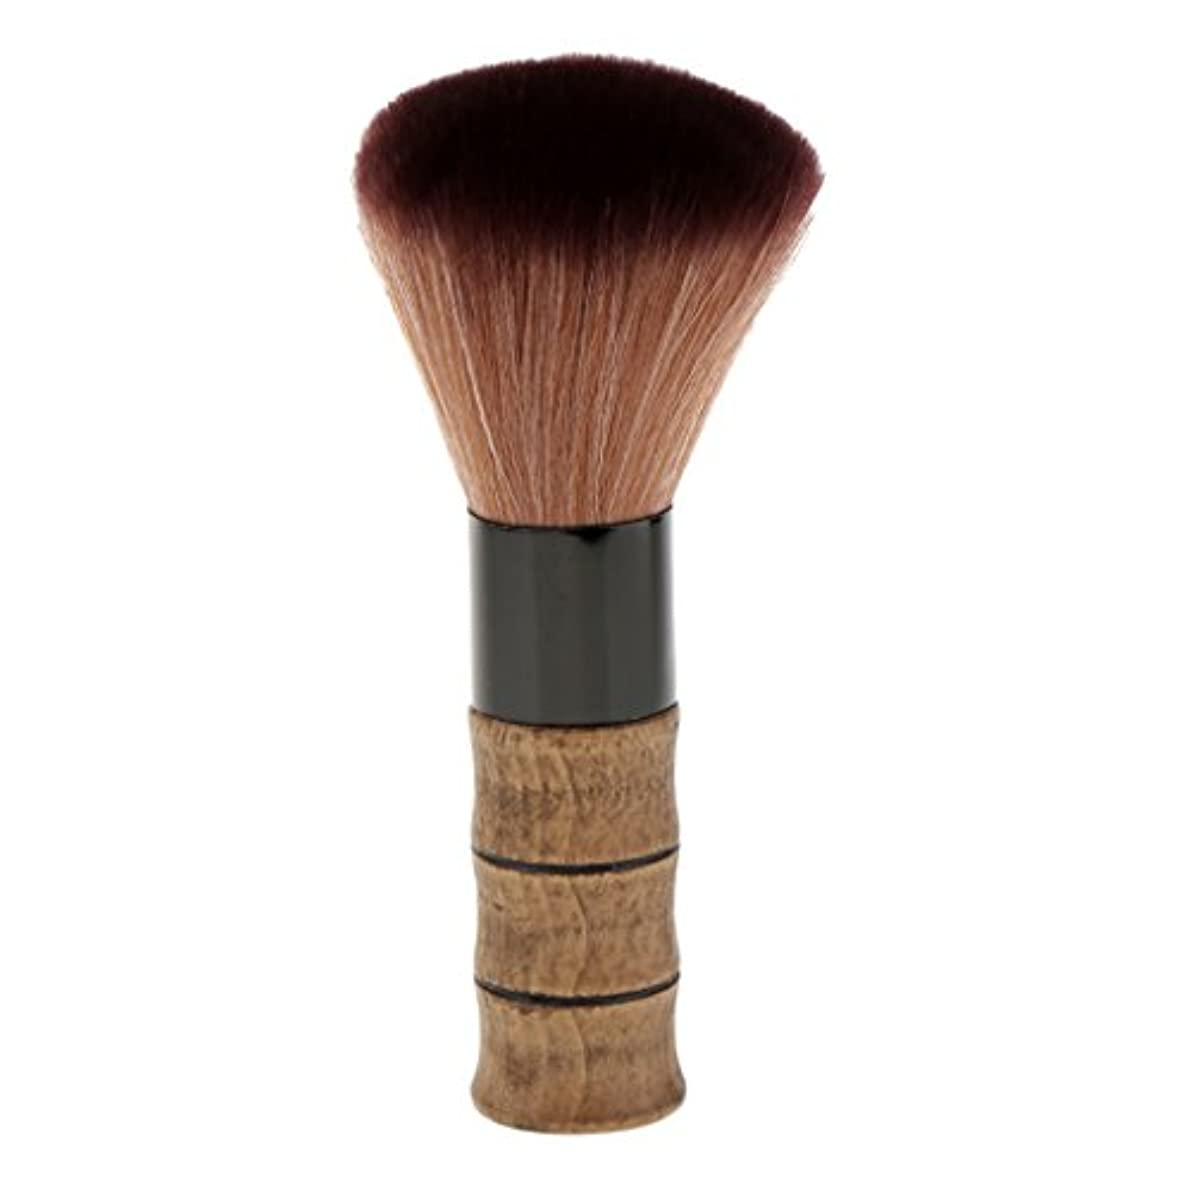 シーボードギネス足シェービングブラシ メイクブラシ ソフトファイバー 竹ハンドル シェービング ブラシ スキンケア 2色選べる - 褐色